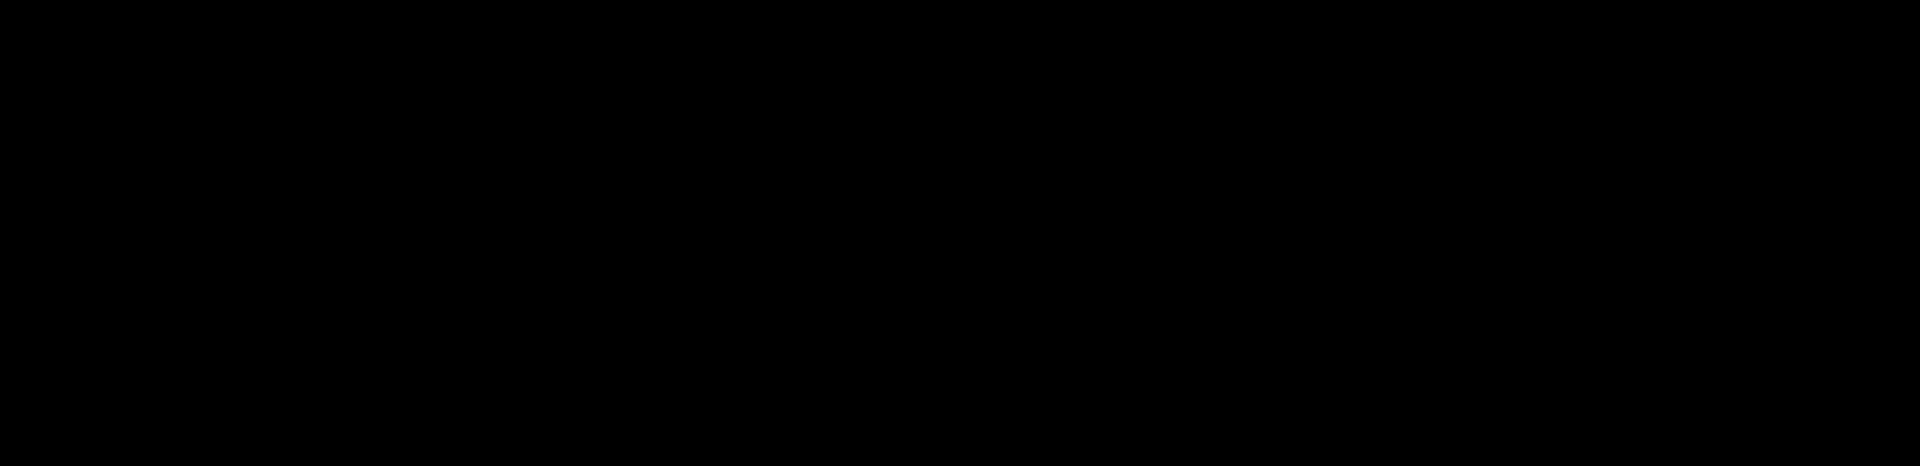 fcc_black